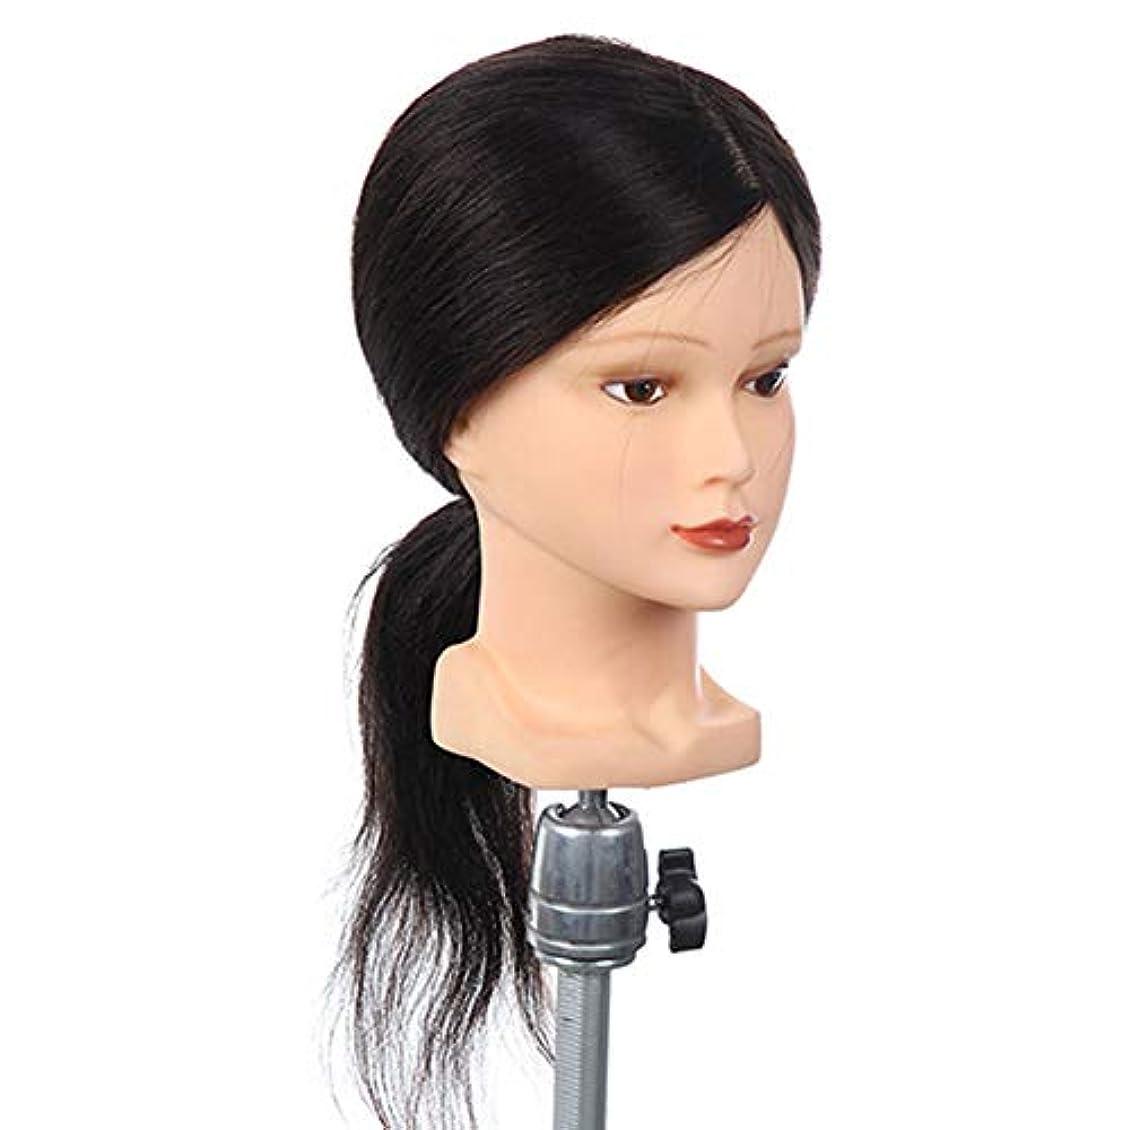 ドロップり酔う100%本物の髪型モデルヘッド花嫁ヘアエクササイズヘッド金型理髪店学習ダミーヘッドはパーマ毛髪染料することができます